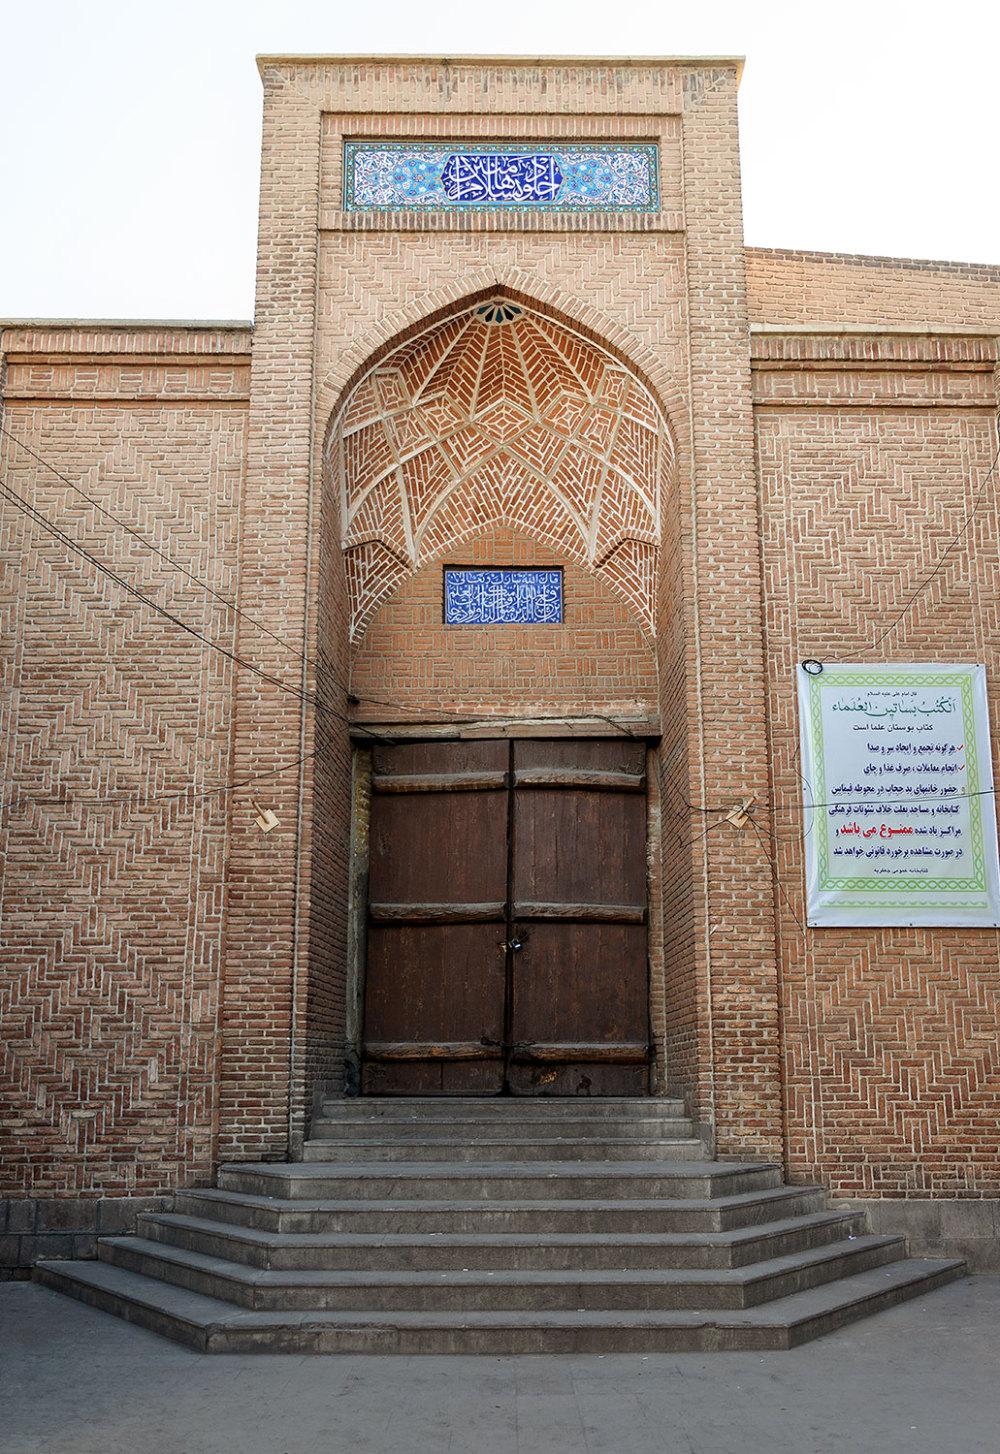 Tabriz. Jamee Mosque